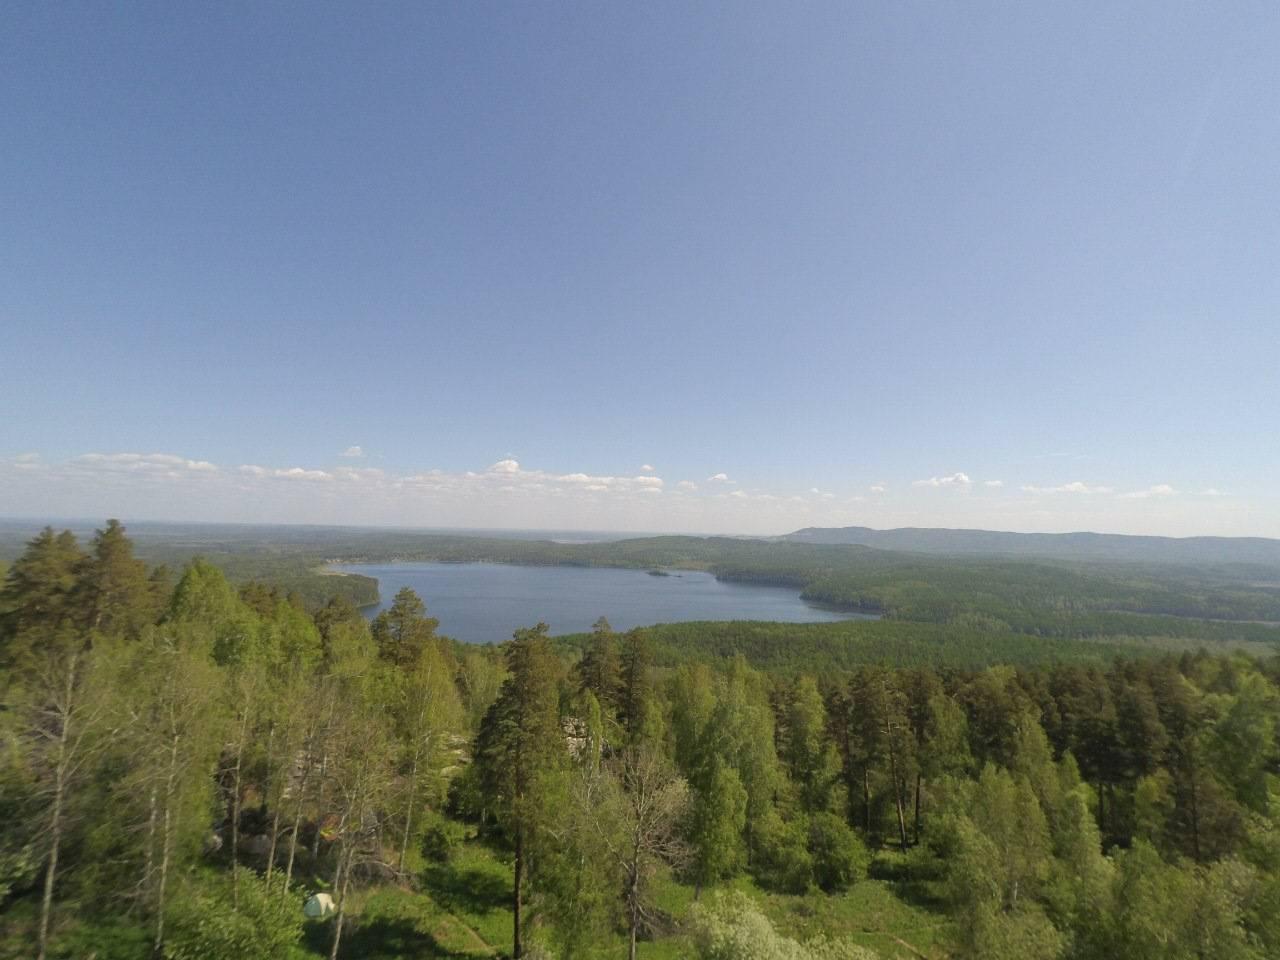 Исетское озеро, среднеуральск, свердловская область— рыбалка, накарте, фото, форум рыбаков, как добраться